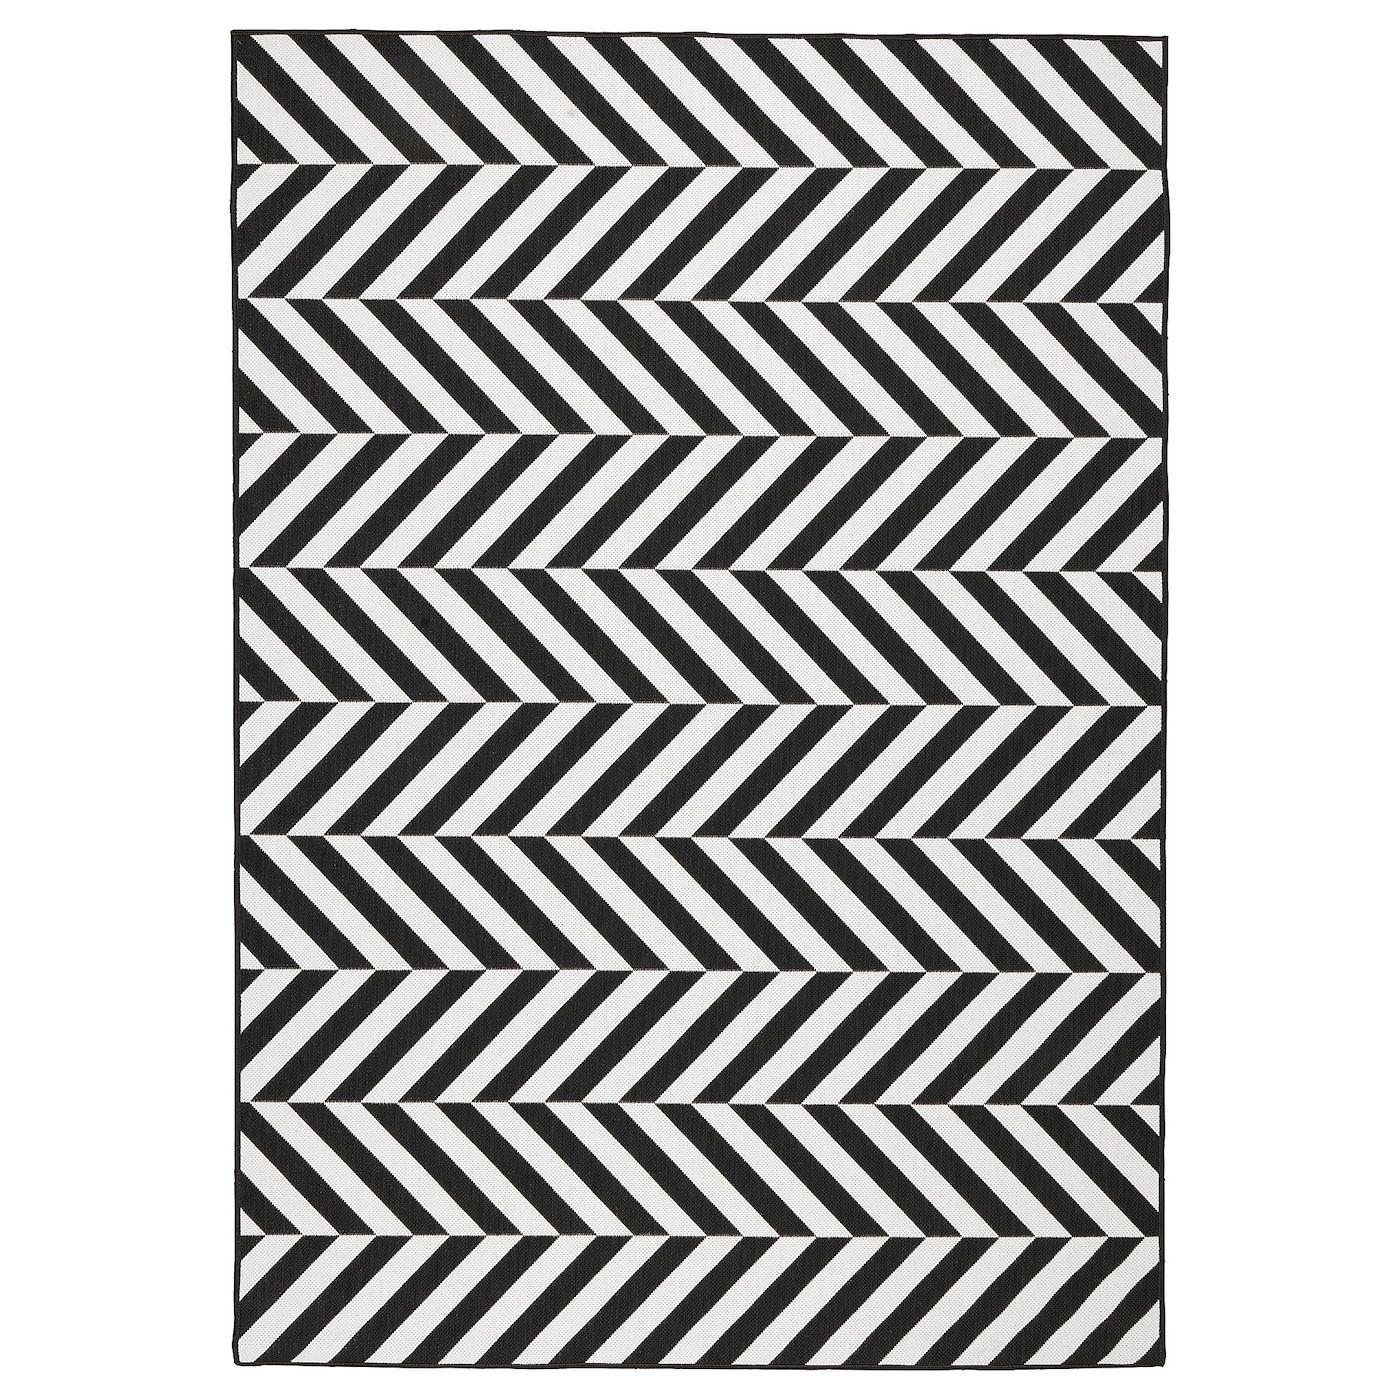 Skarrild Tapis Tisse A Plat Int Exterieur Blanc Noir 160x230 Cm En 2020 Tapis Tisse Plat Tapis Tisse Et Tapis Exterieur